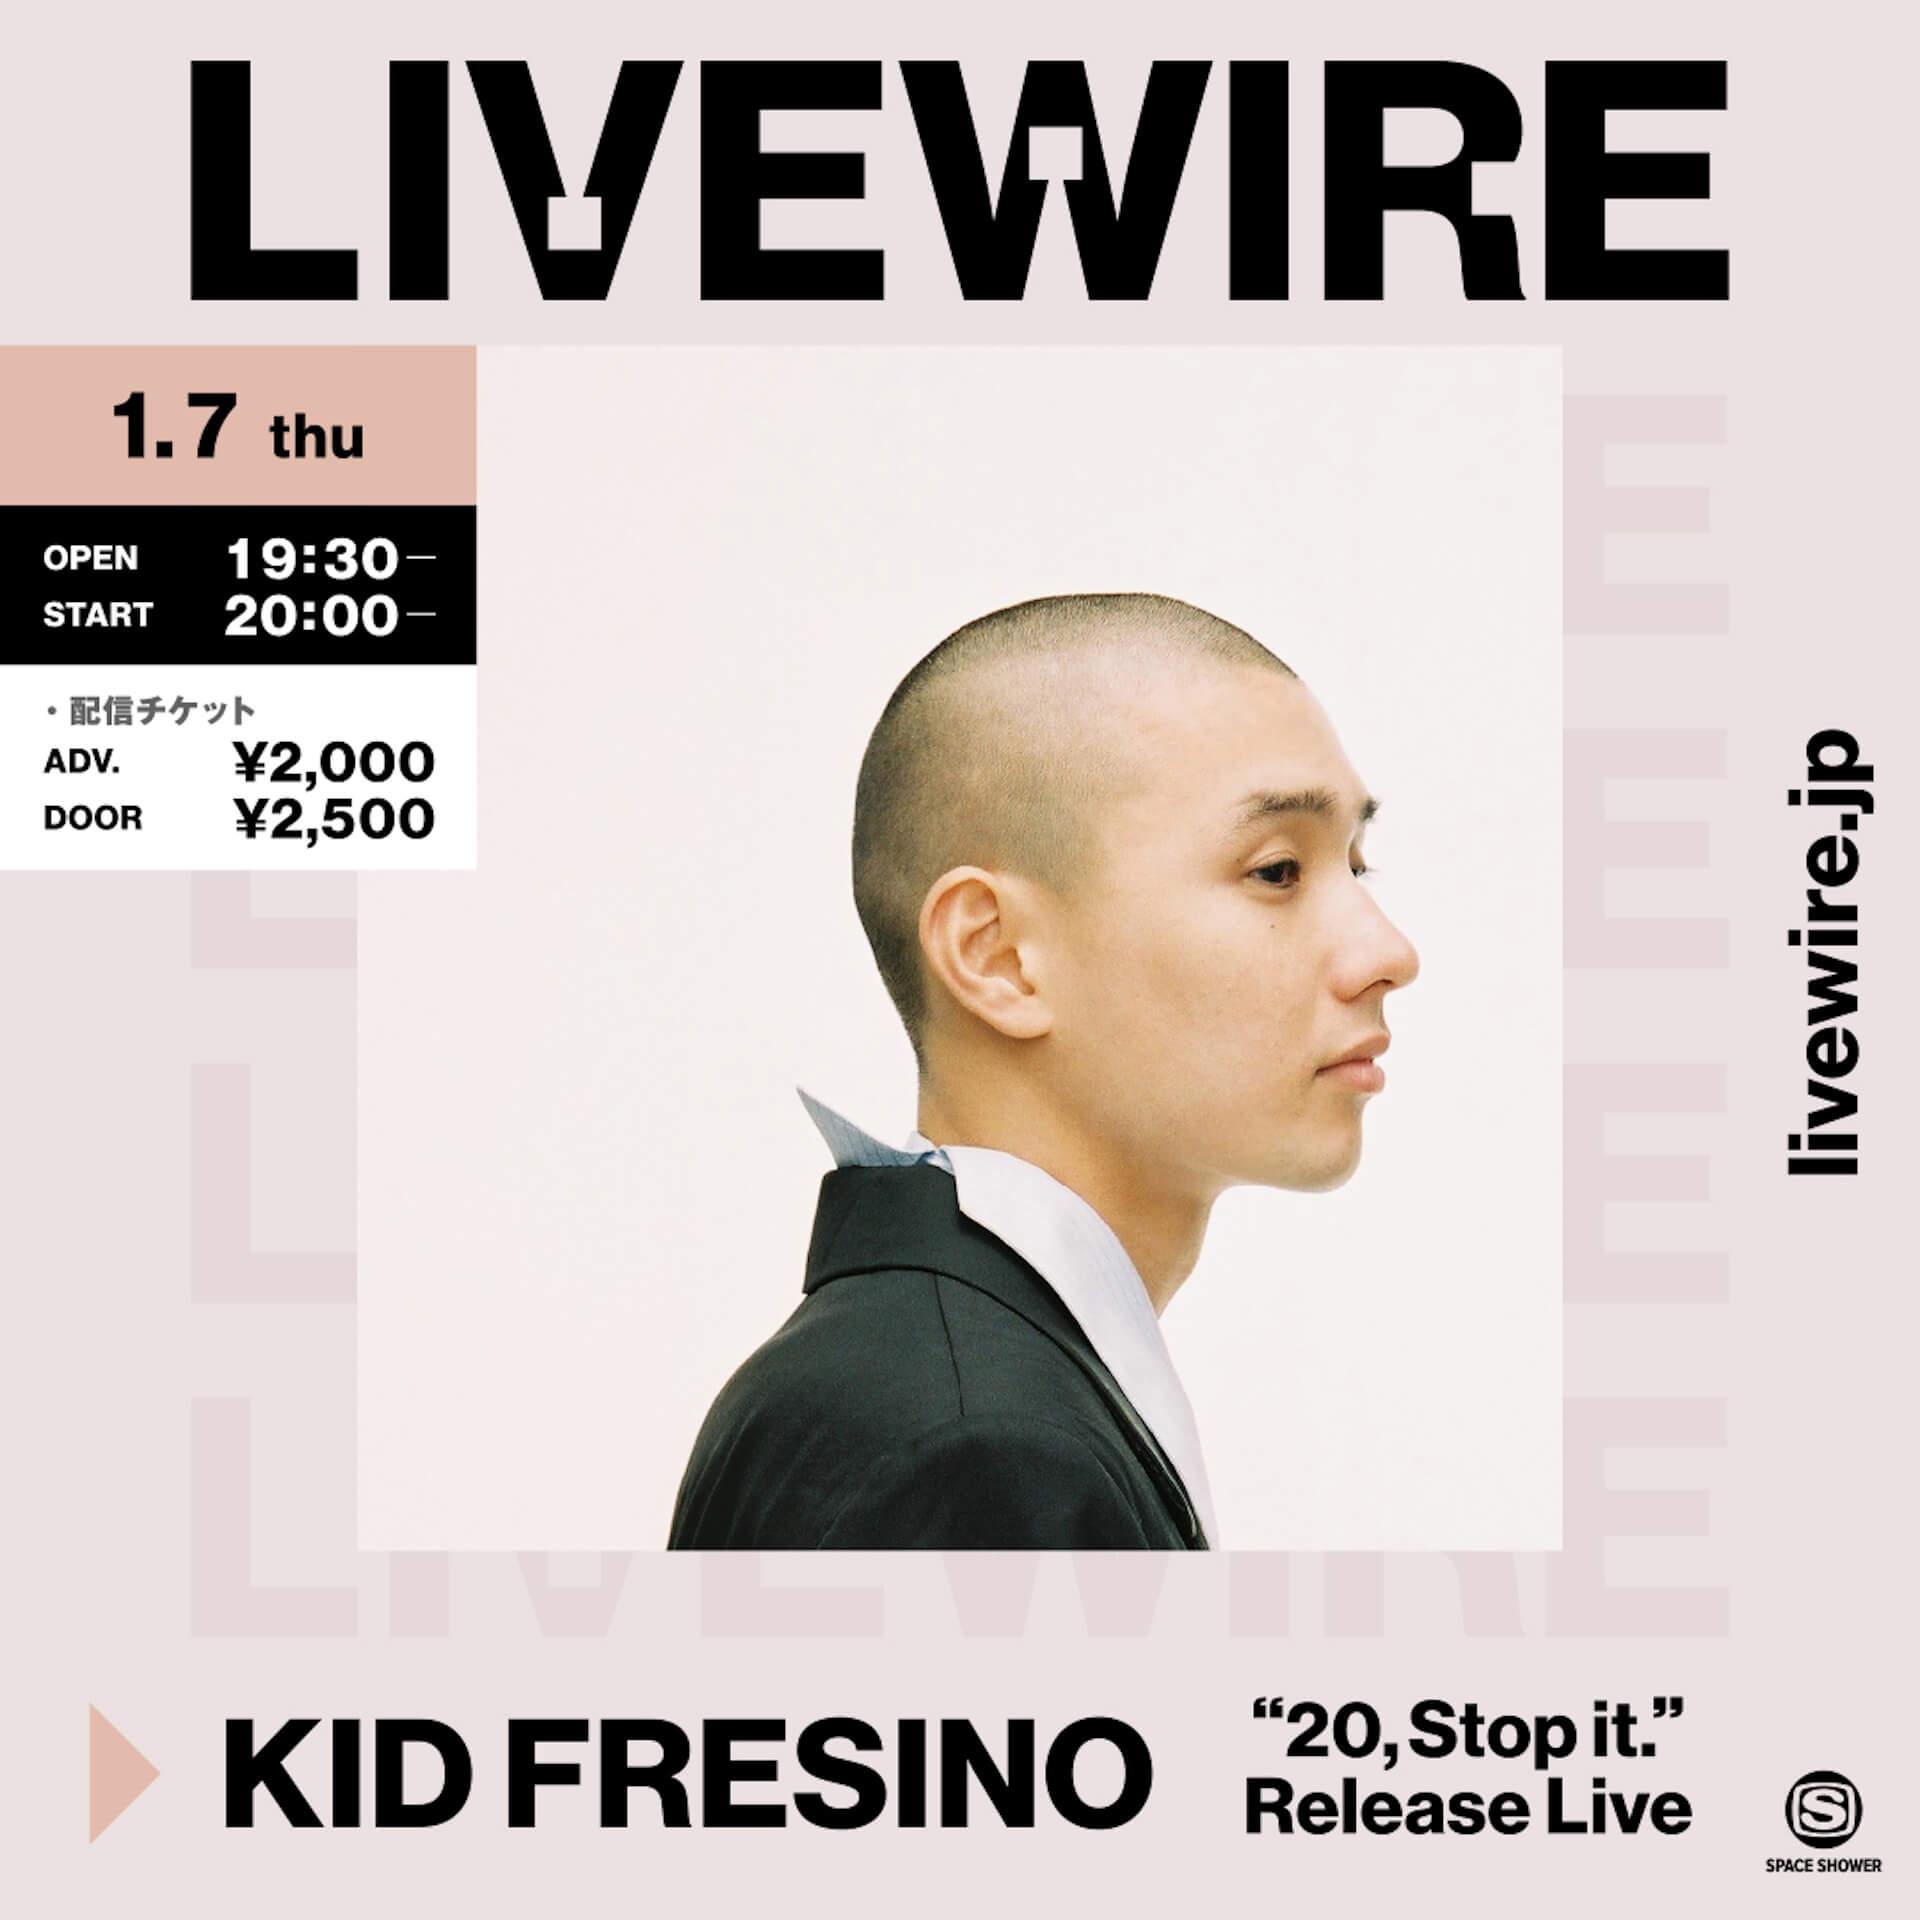 """KID FRESINOの2年ぶりのアルバム『20,Stop it.』が発売決定 自身プロデュースの先行配信シングル""""Rondo""""がリリース music201216_kidfresino_3"""